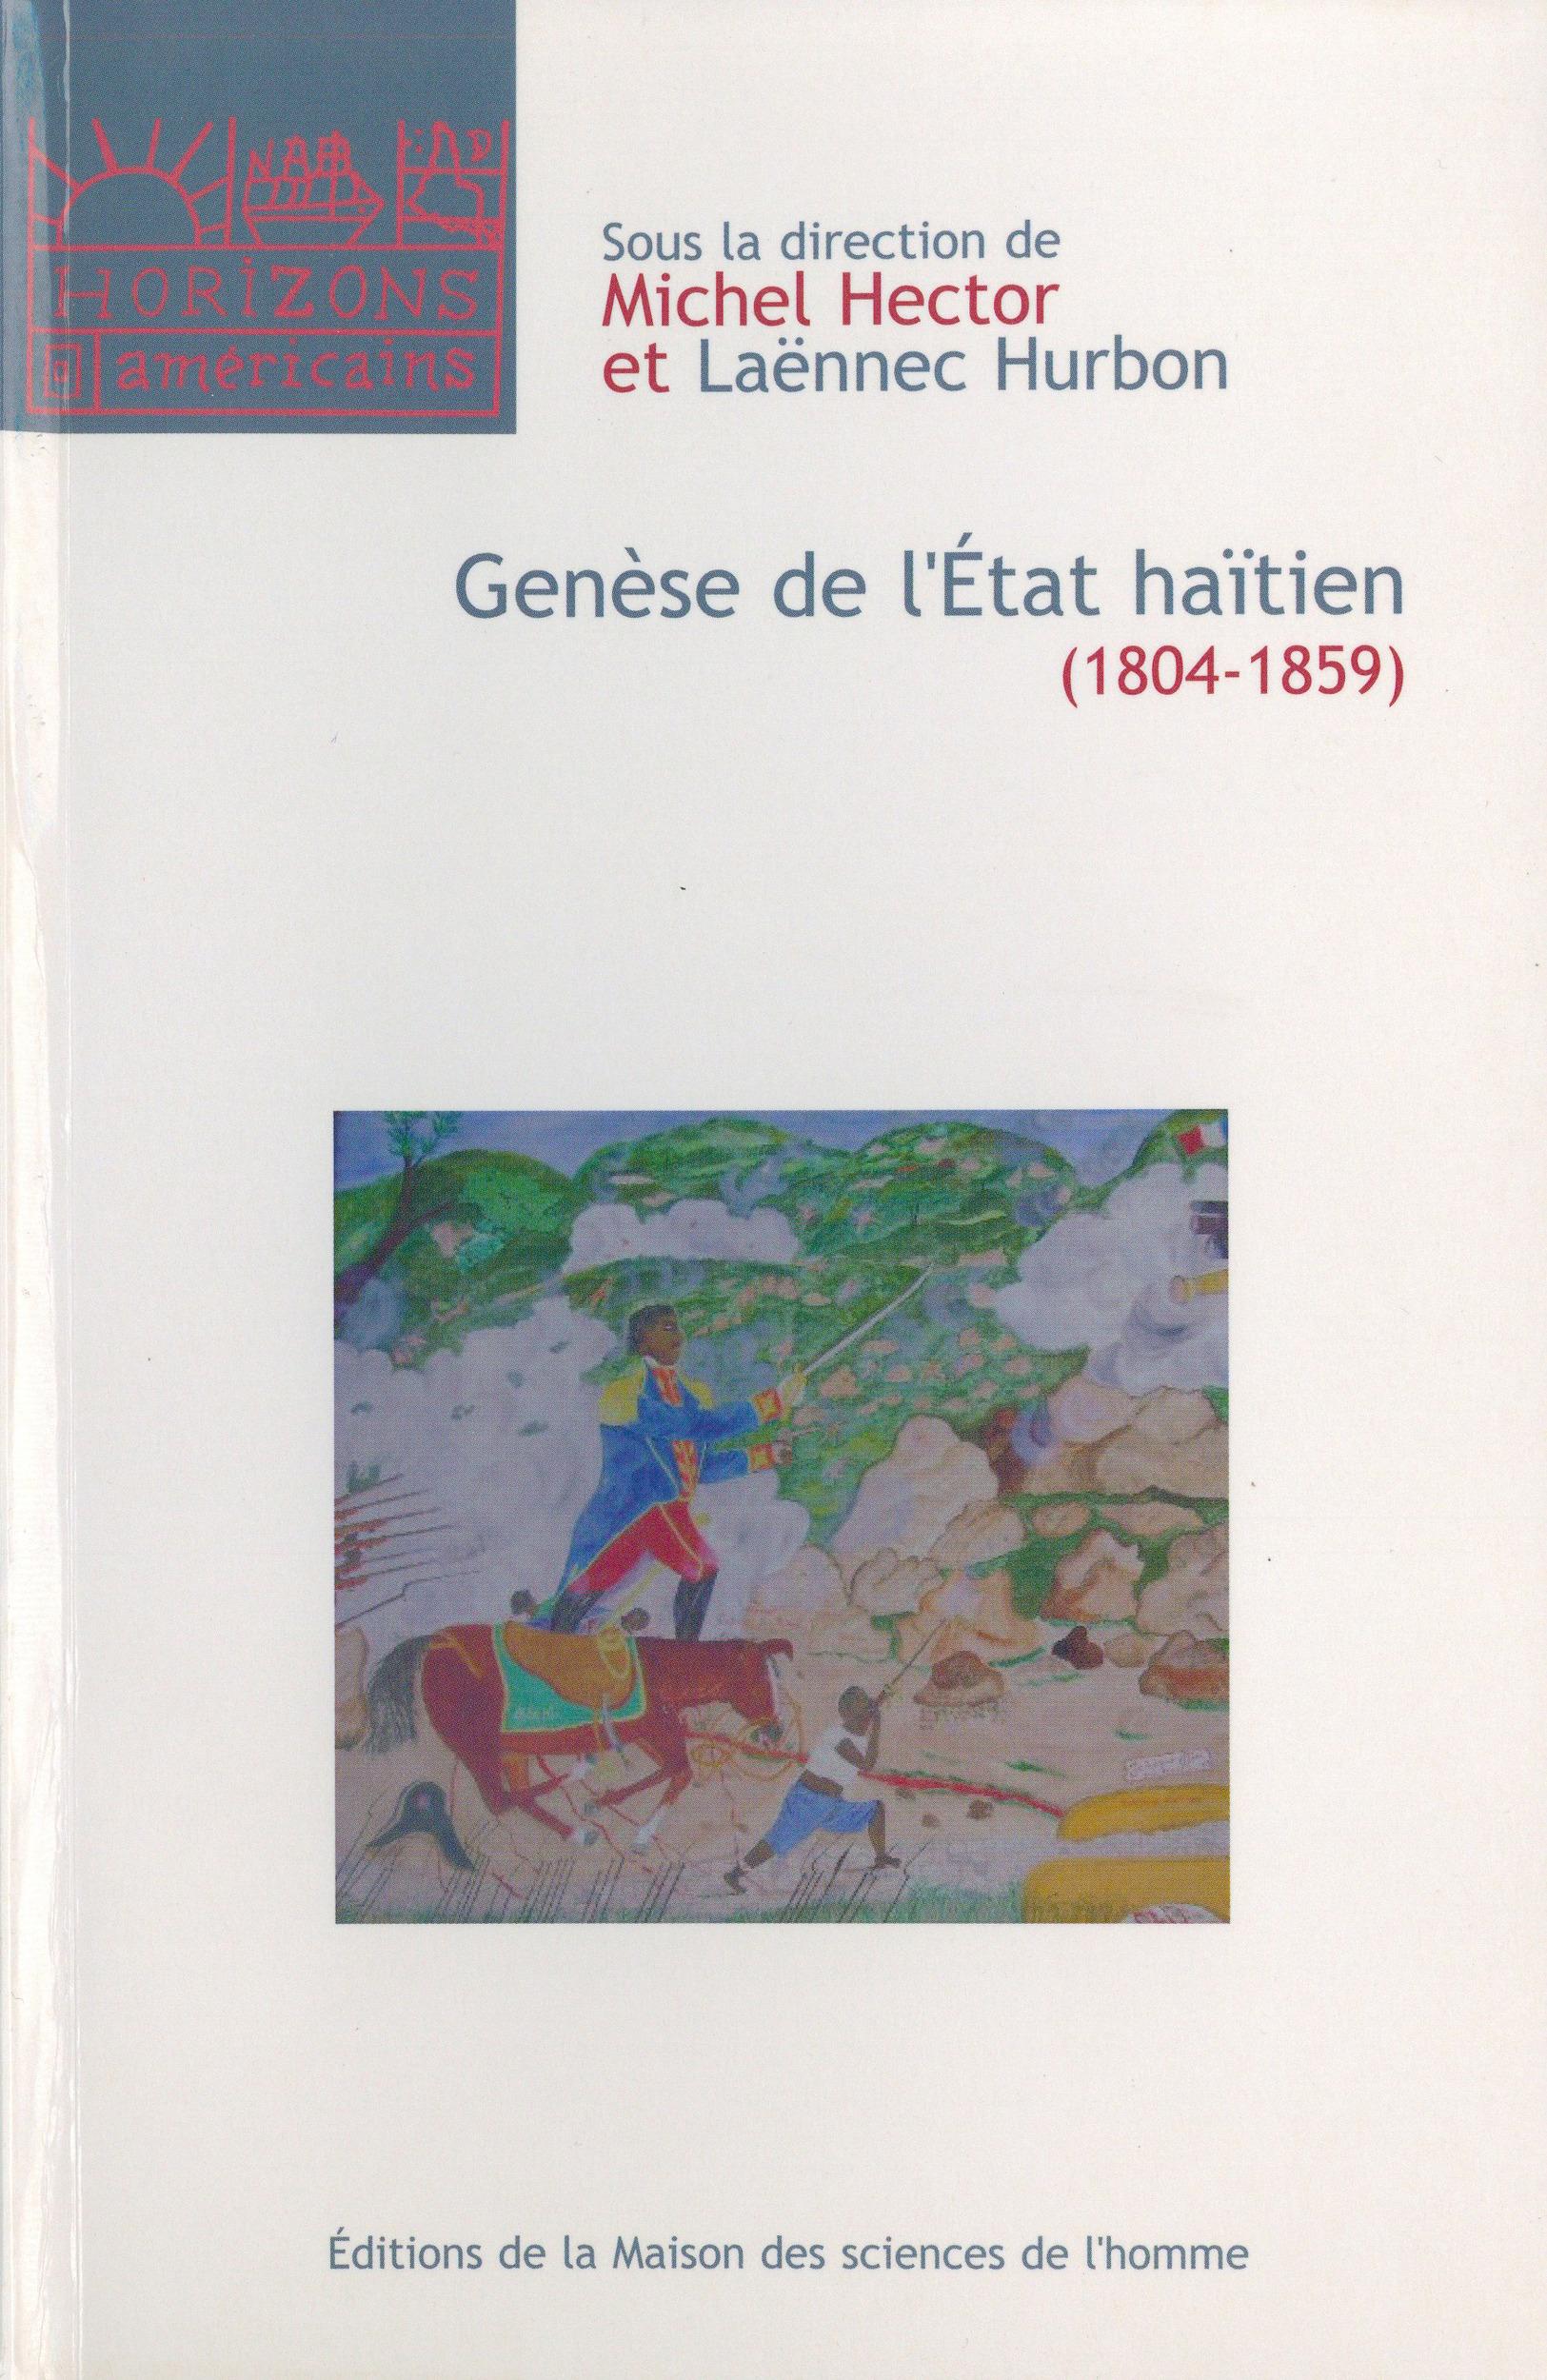 Génèse de l'État haïtien (1804-1859)